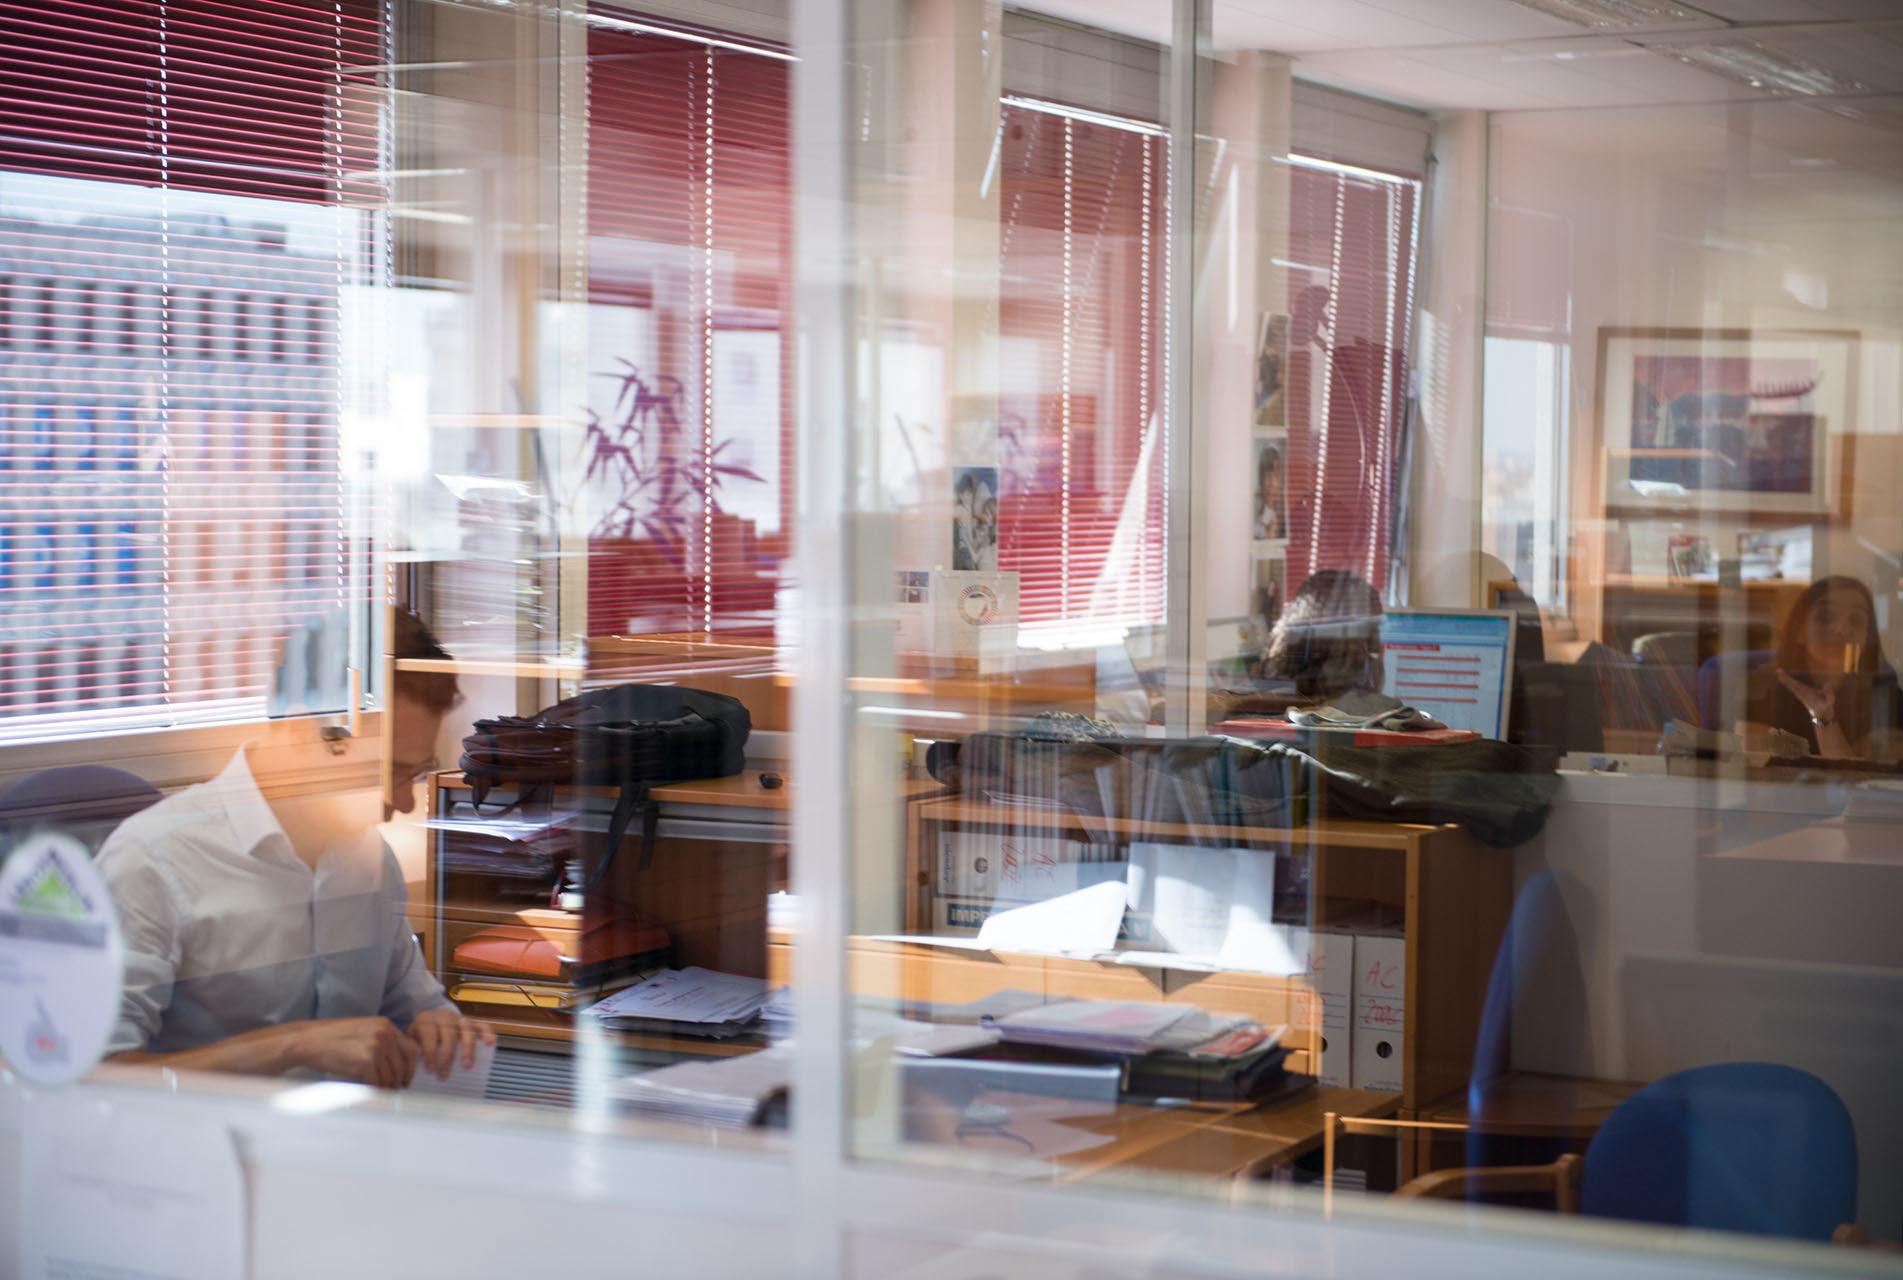 corporate-photographe-ile-de-france-val-de-marne-init-marketing